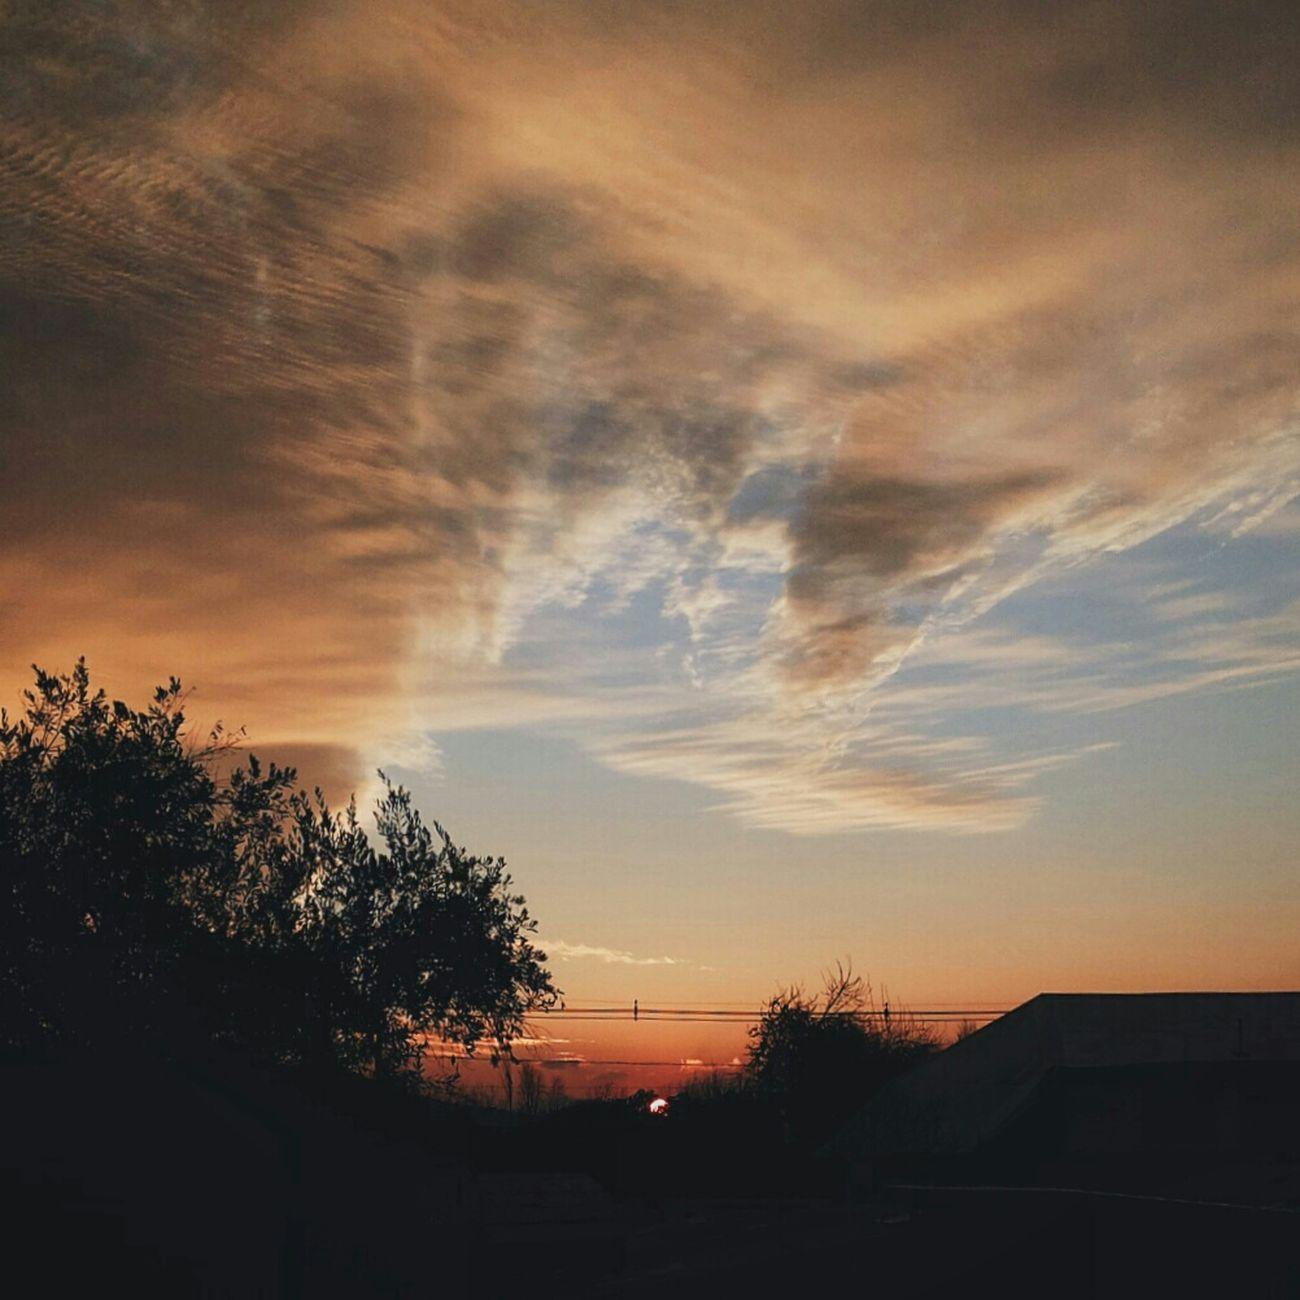 Atardeciendo... Atardecer Santiago De Chile Anocheciendo Puesta De Sol Goodnight Tardes De Invierno Natural Photography Naturaleza Invierno 2015